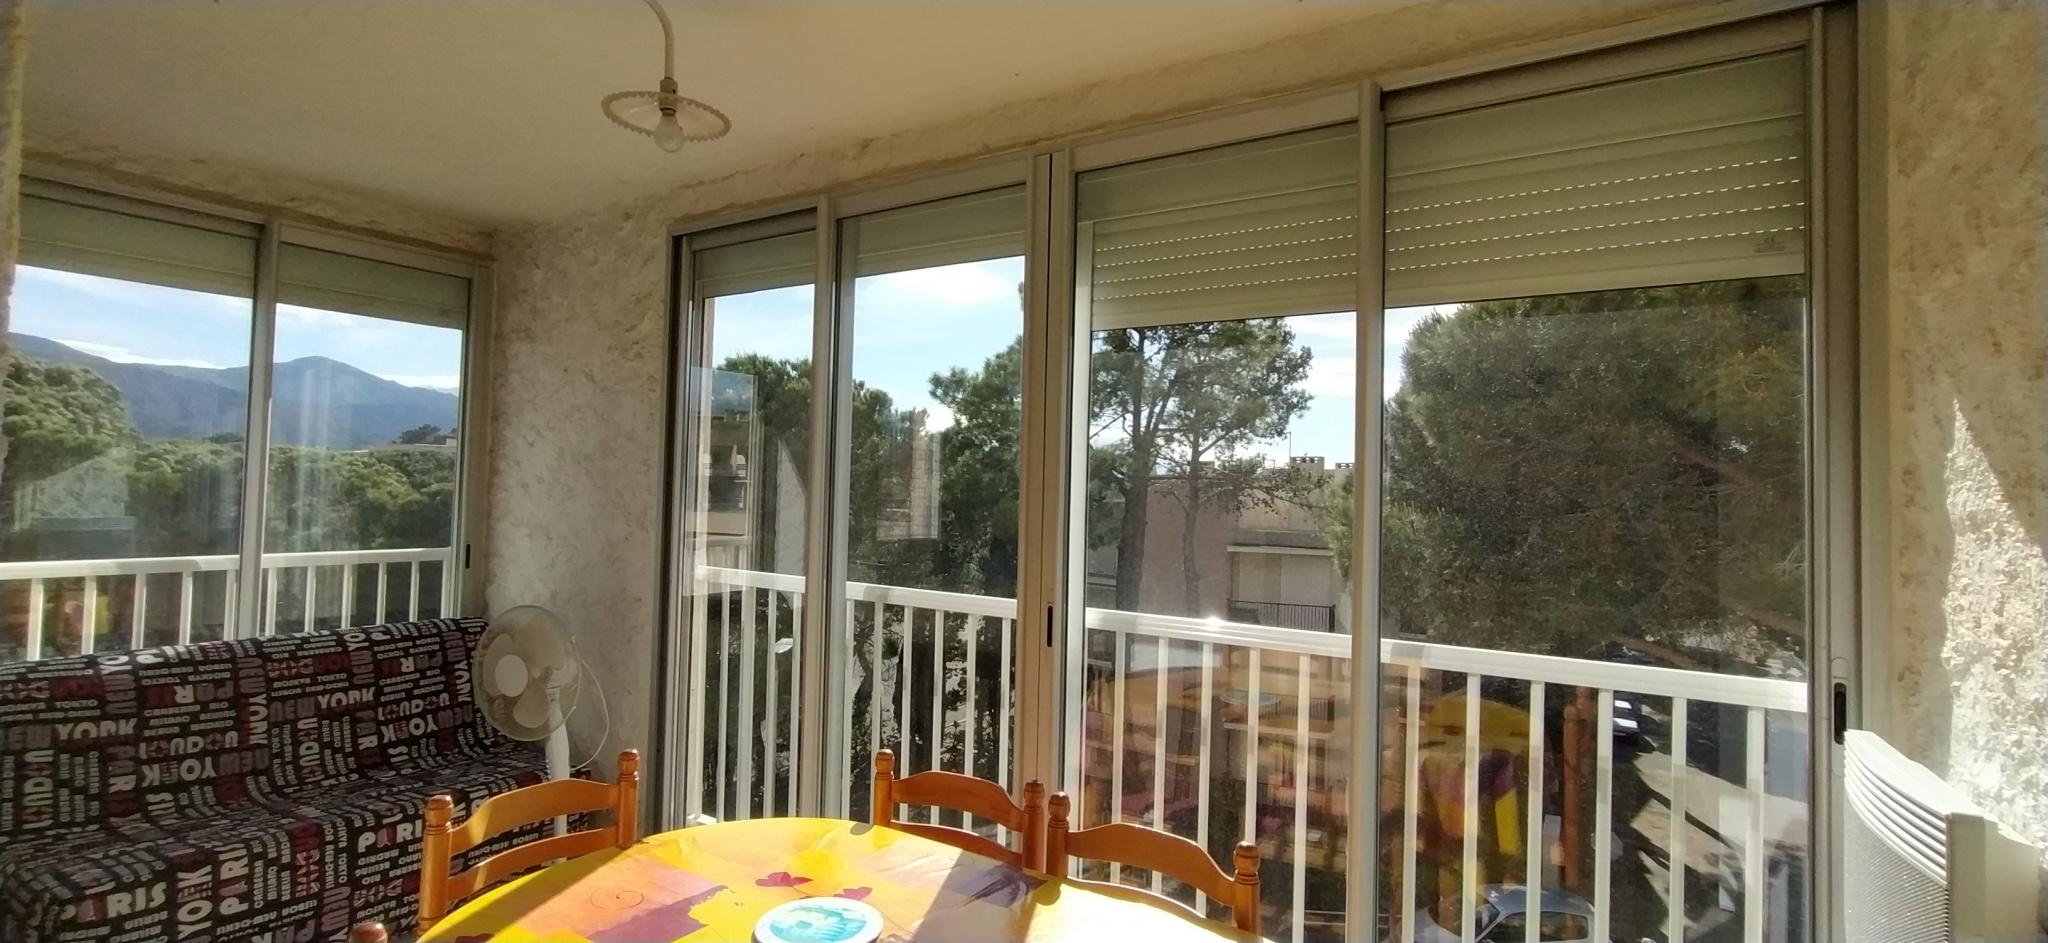 À vendre appartement de 45m2 à argeles sur mer (66700) - Photo 7'